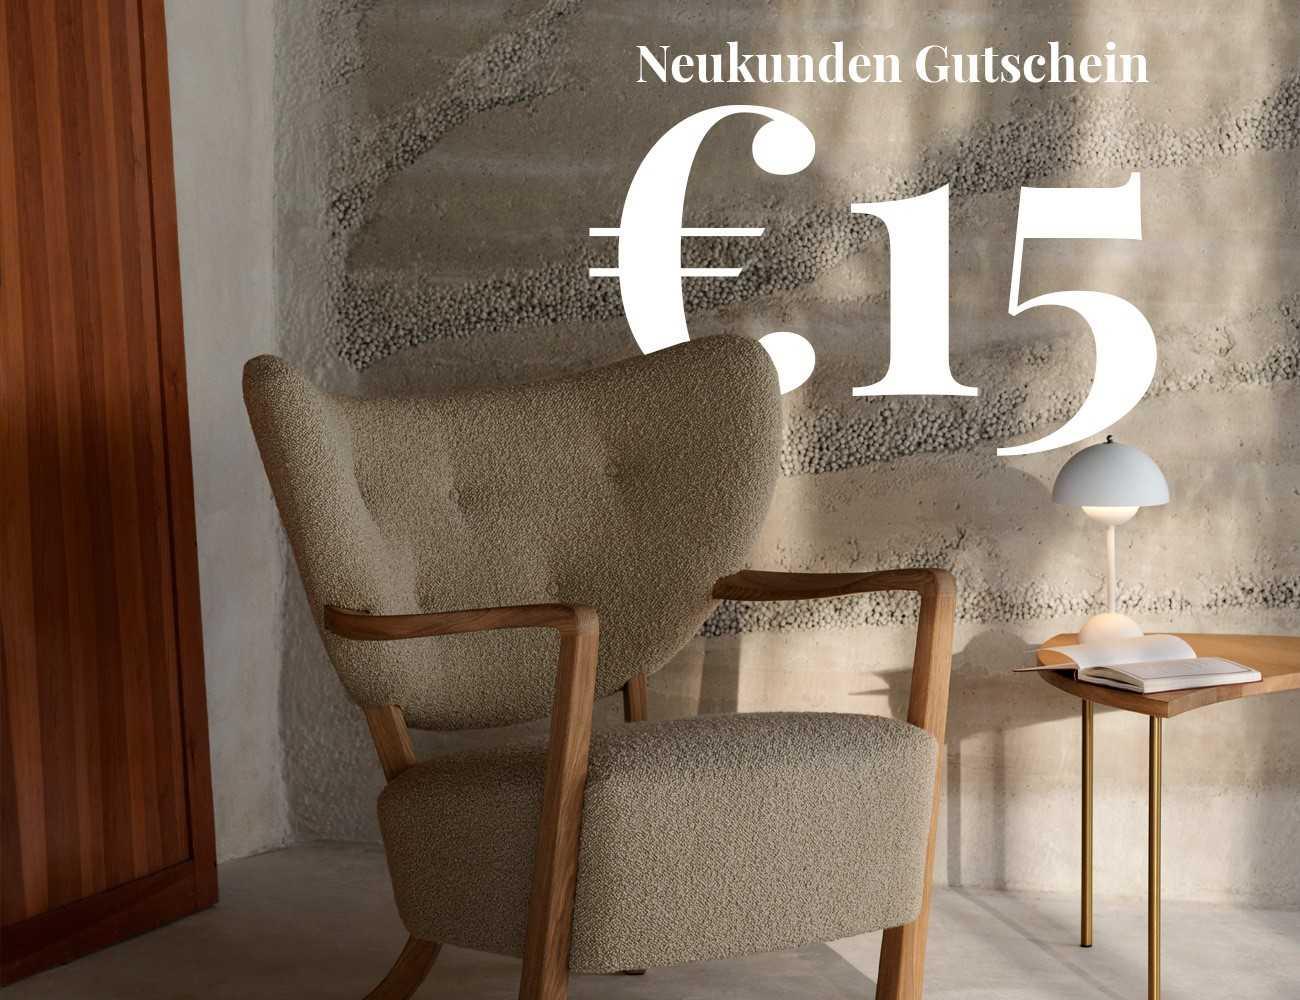 15€ WILLKOMMENS-GUTSCHEIN FÜR NEUKUNDEN